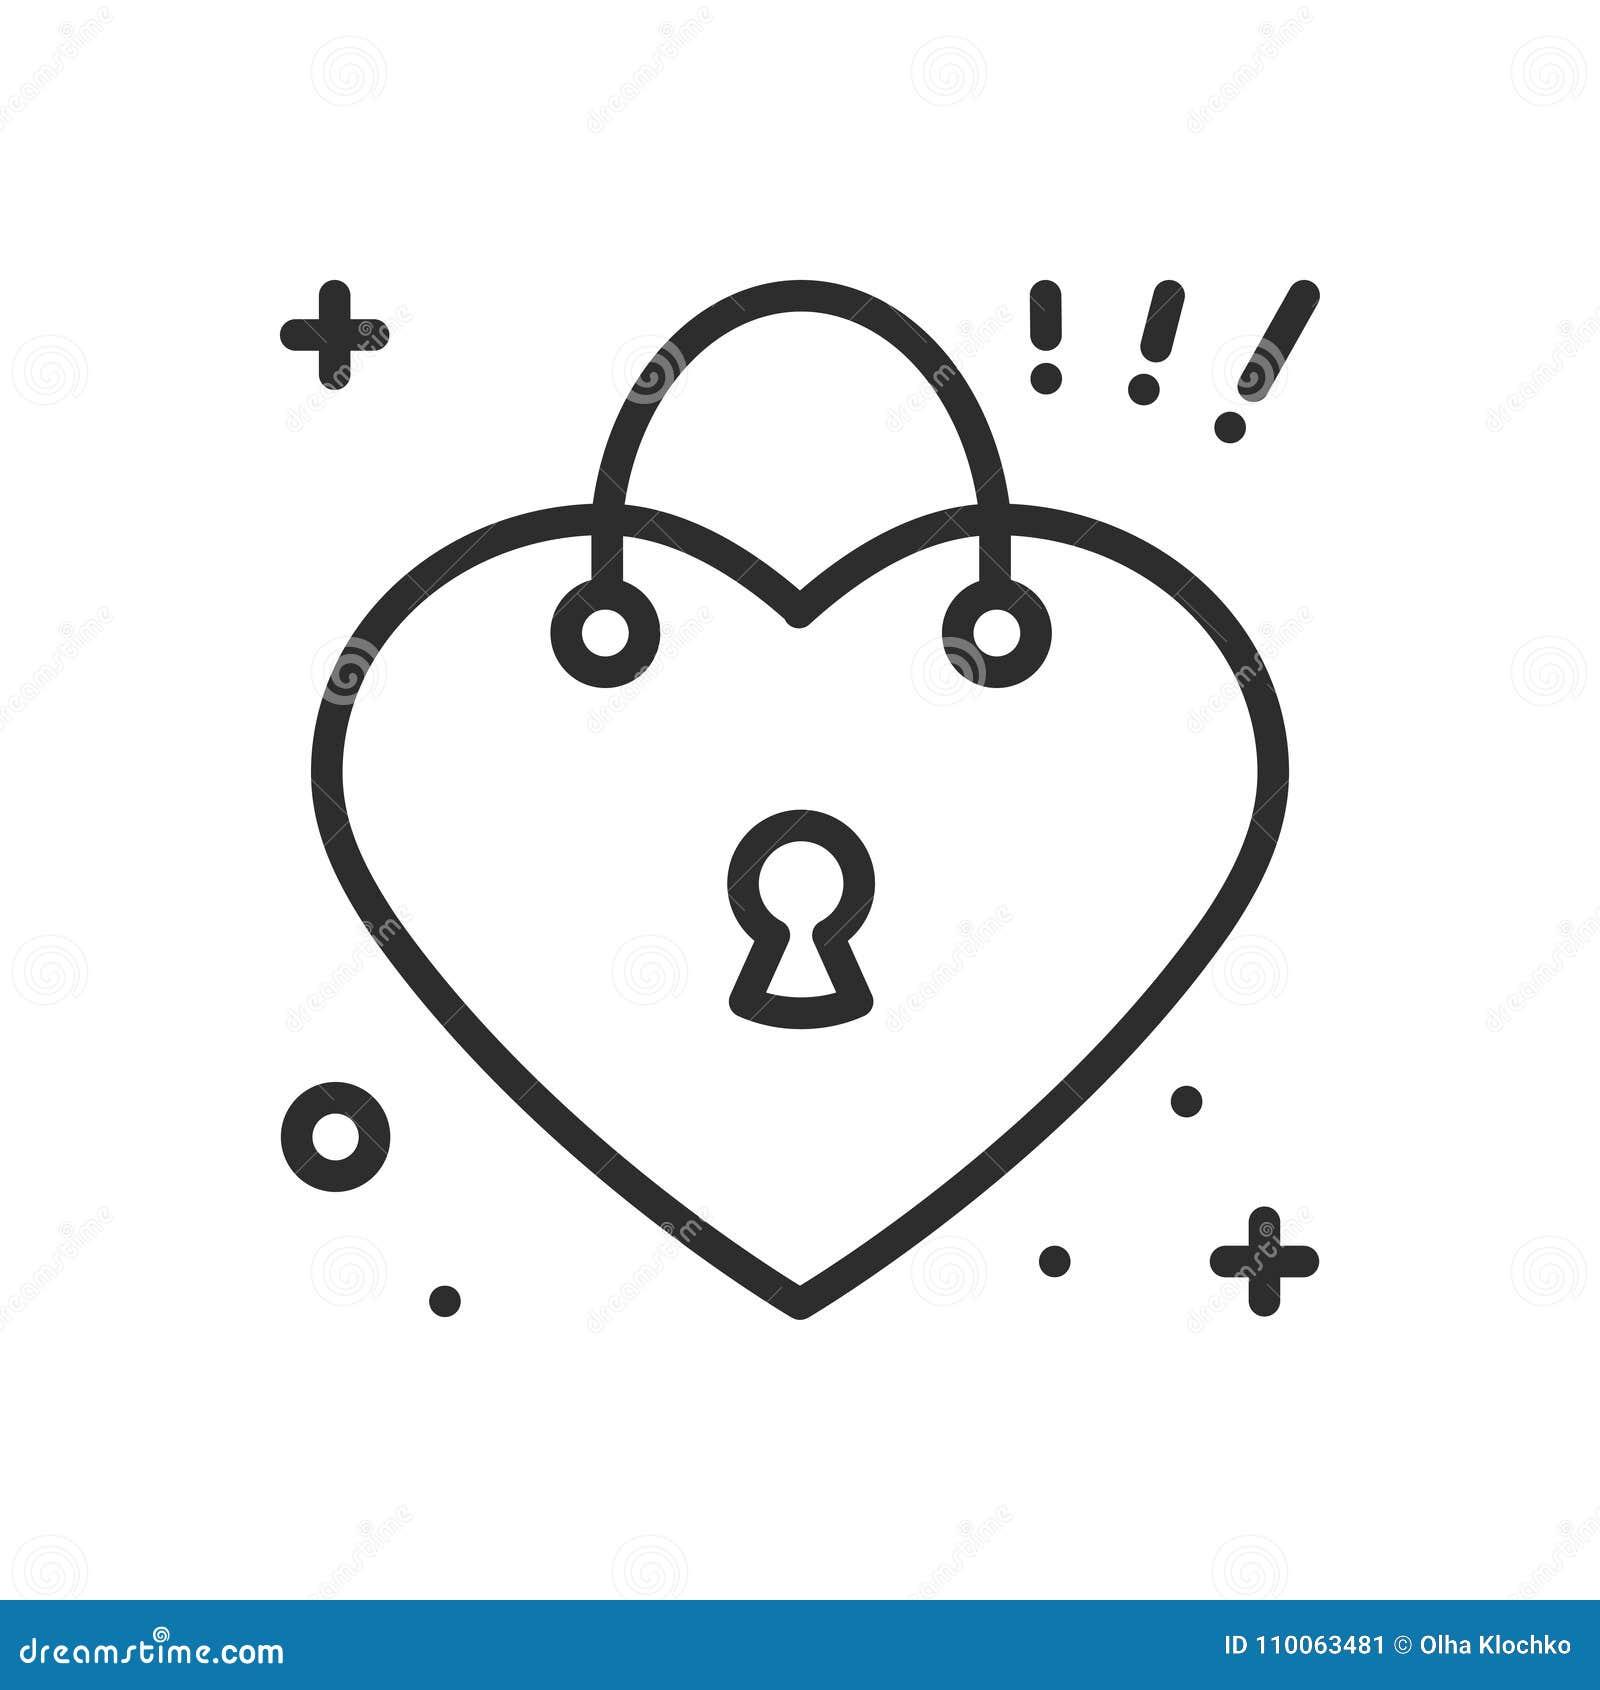 Complètement et à l'extrême Ligne De Serrure De Coeur Icône Signe Et Symbole D'amour Amour @CI_55